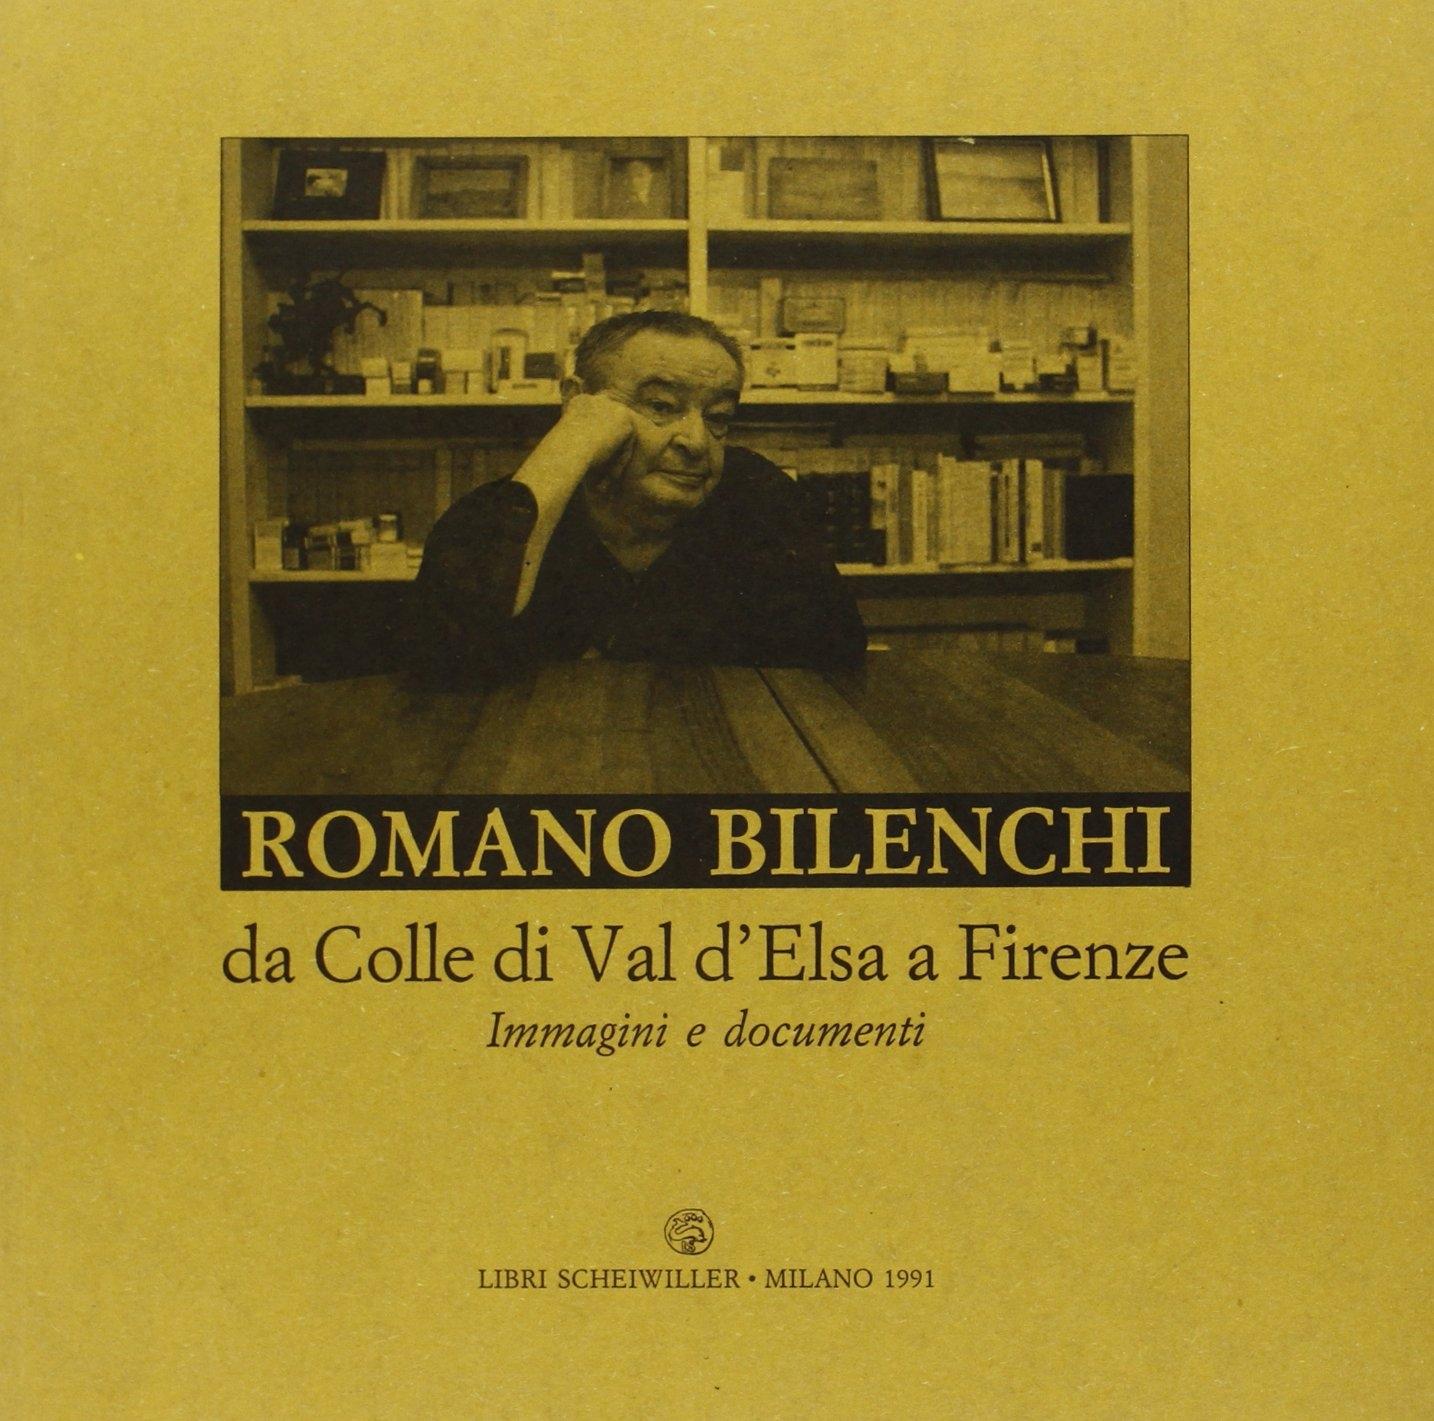 Romano Bilenchi. Da Colle di Val d'Elsa a Firenze. Immagini e documenti